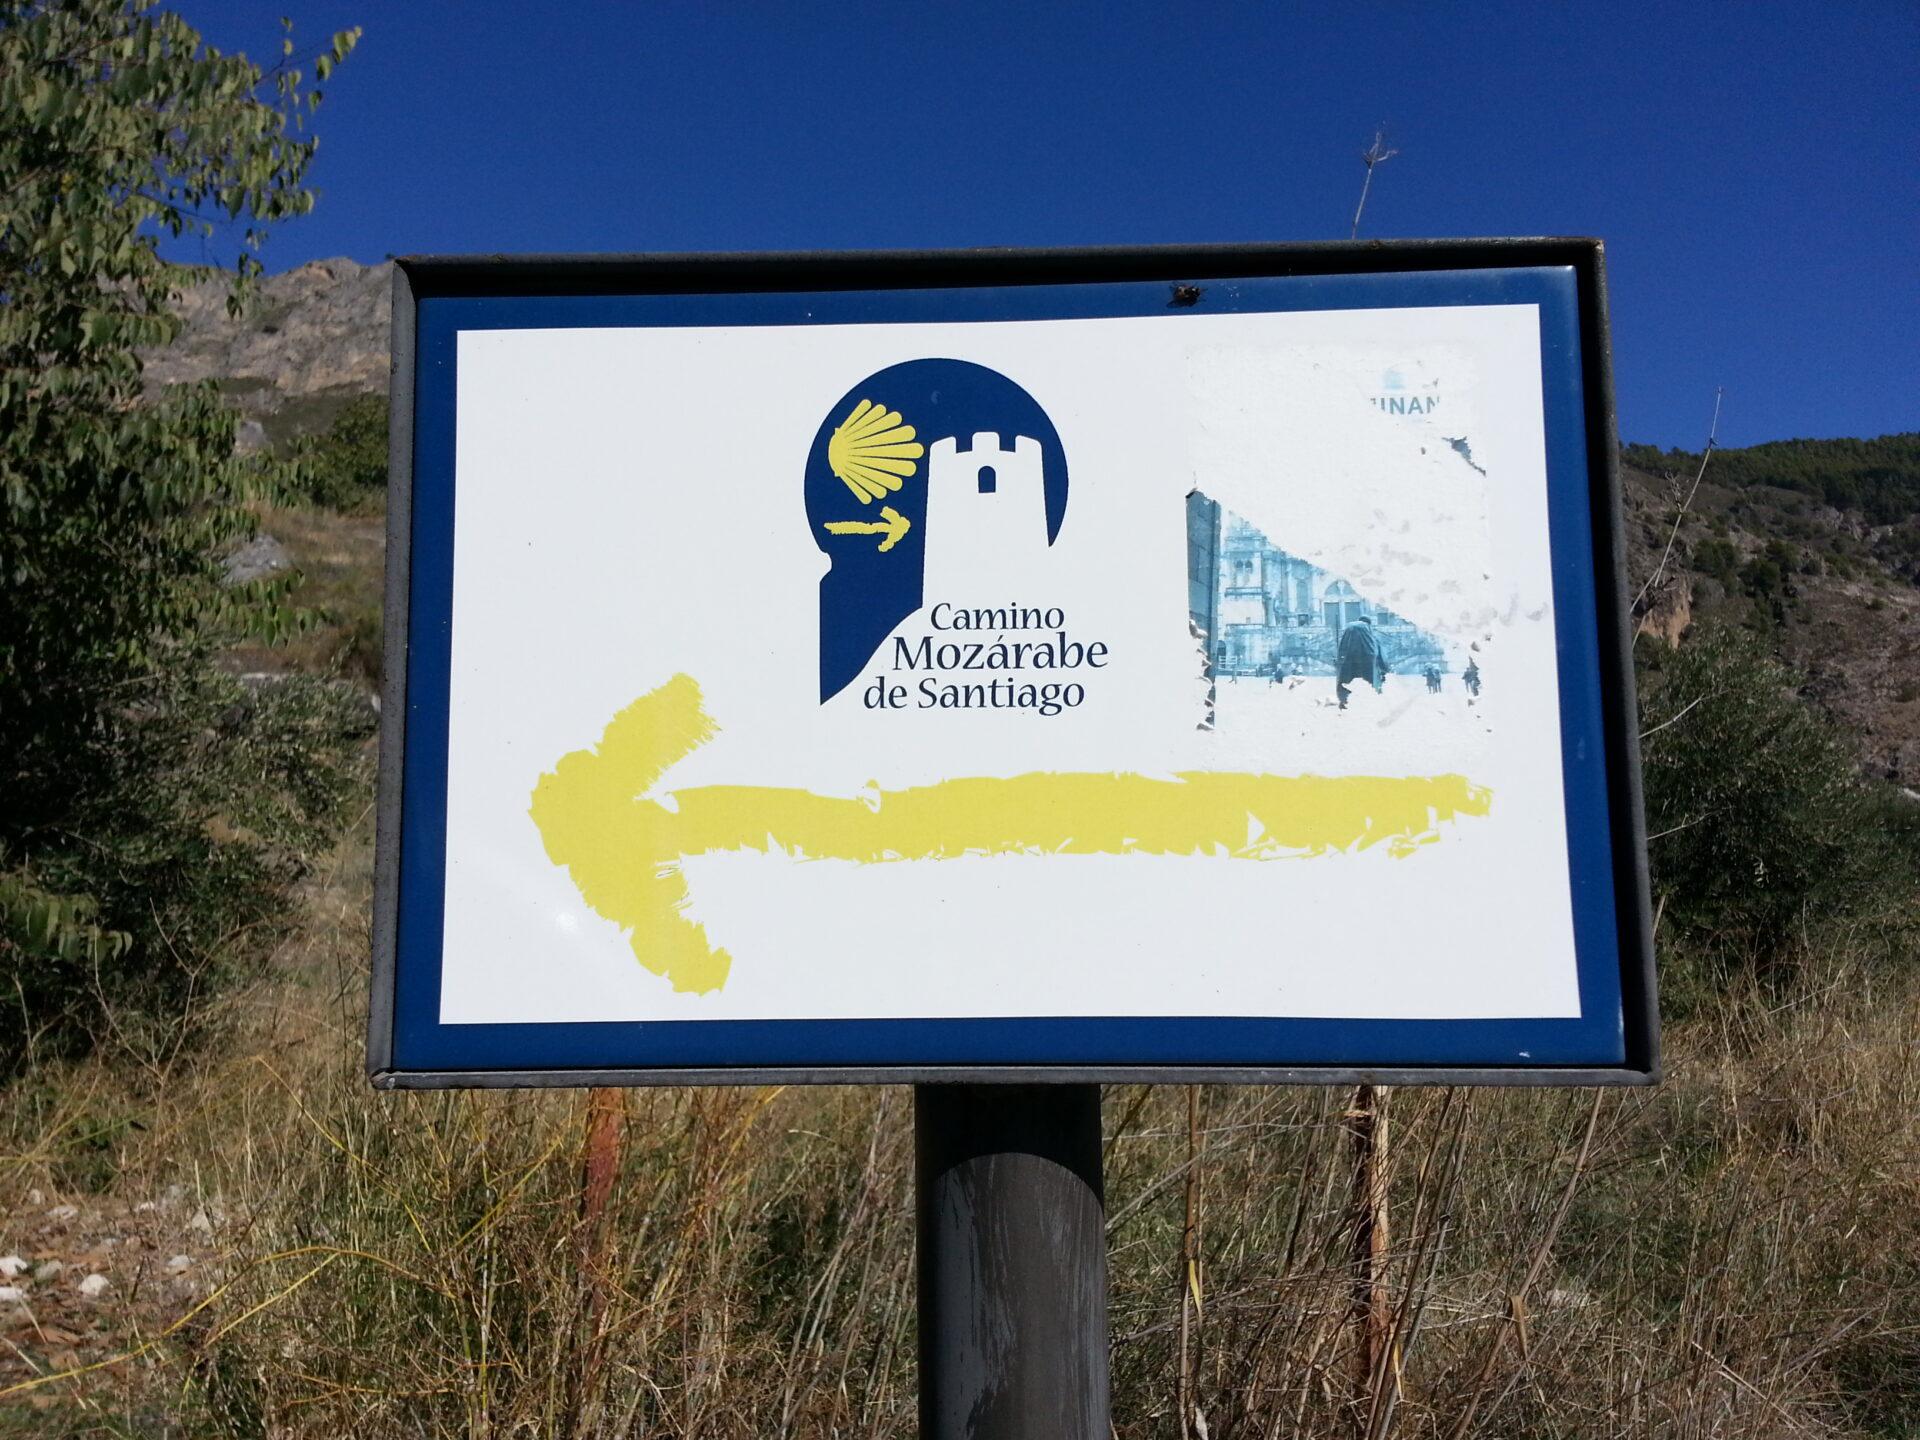 Camino Mozarabe Sign